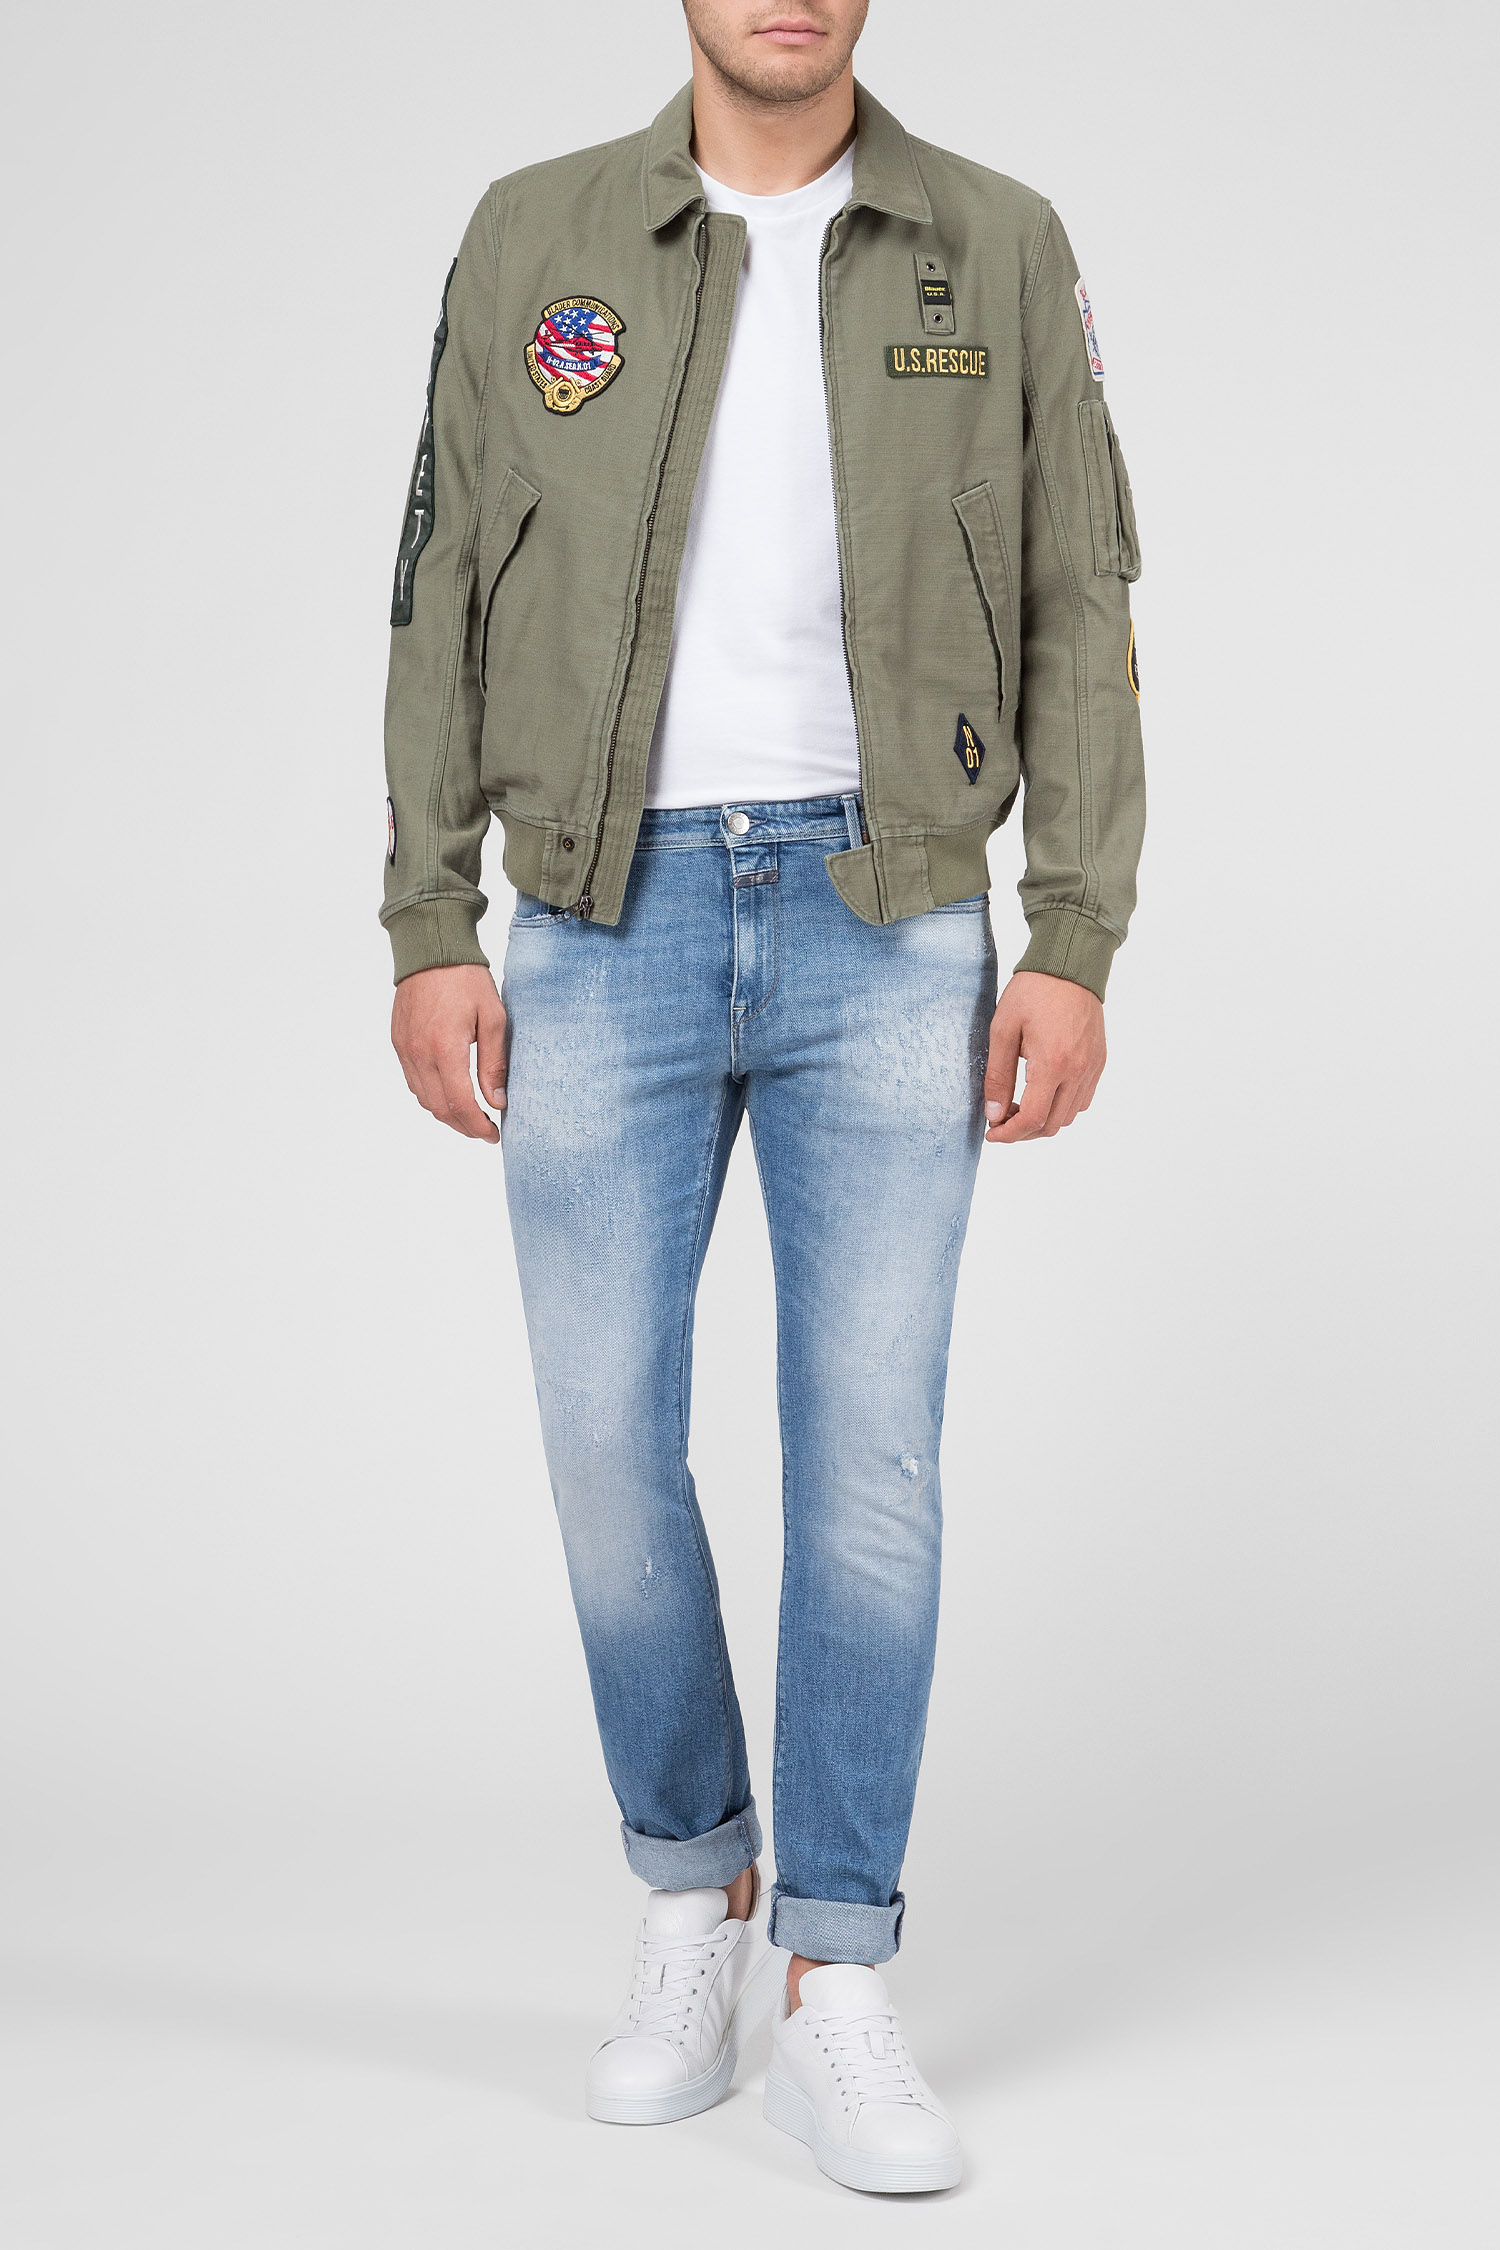 Купить Мужские голубые джинсы UNITY CRAFTED Closed Closed C32024-05X-7A-7A – Киев, Украина. Цены в интернет магазине MD Fashion